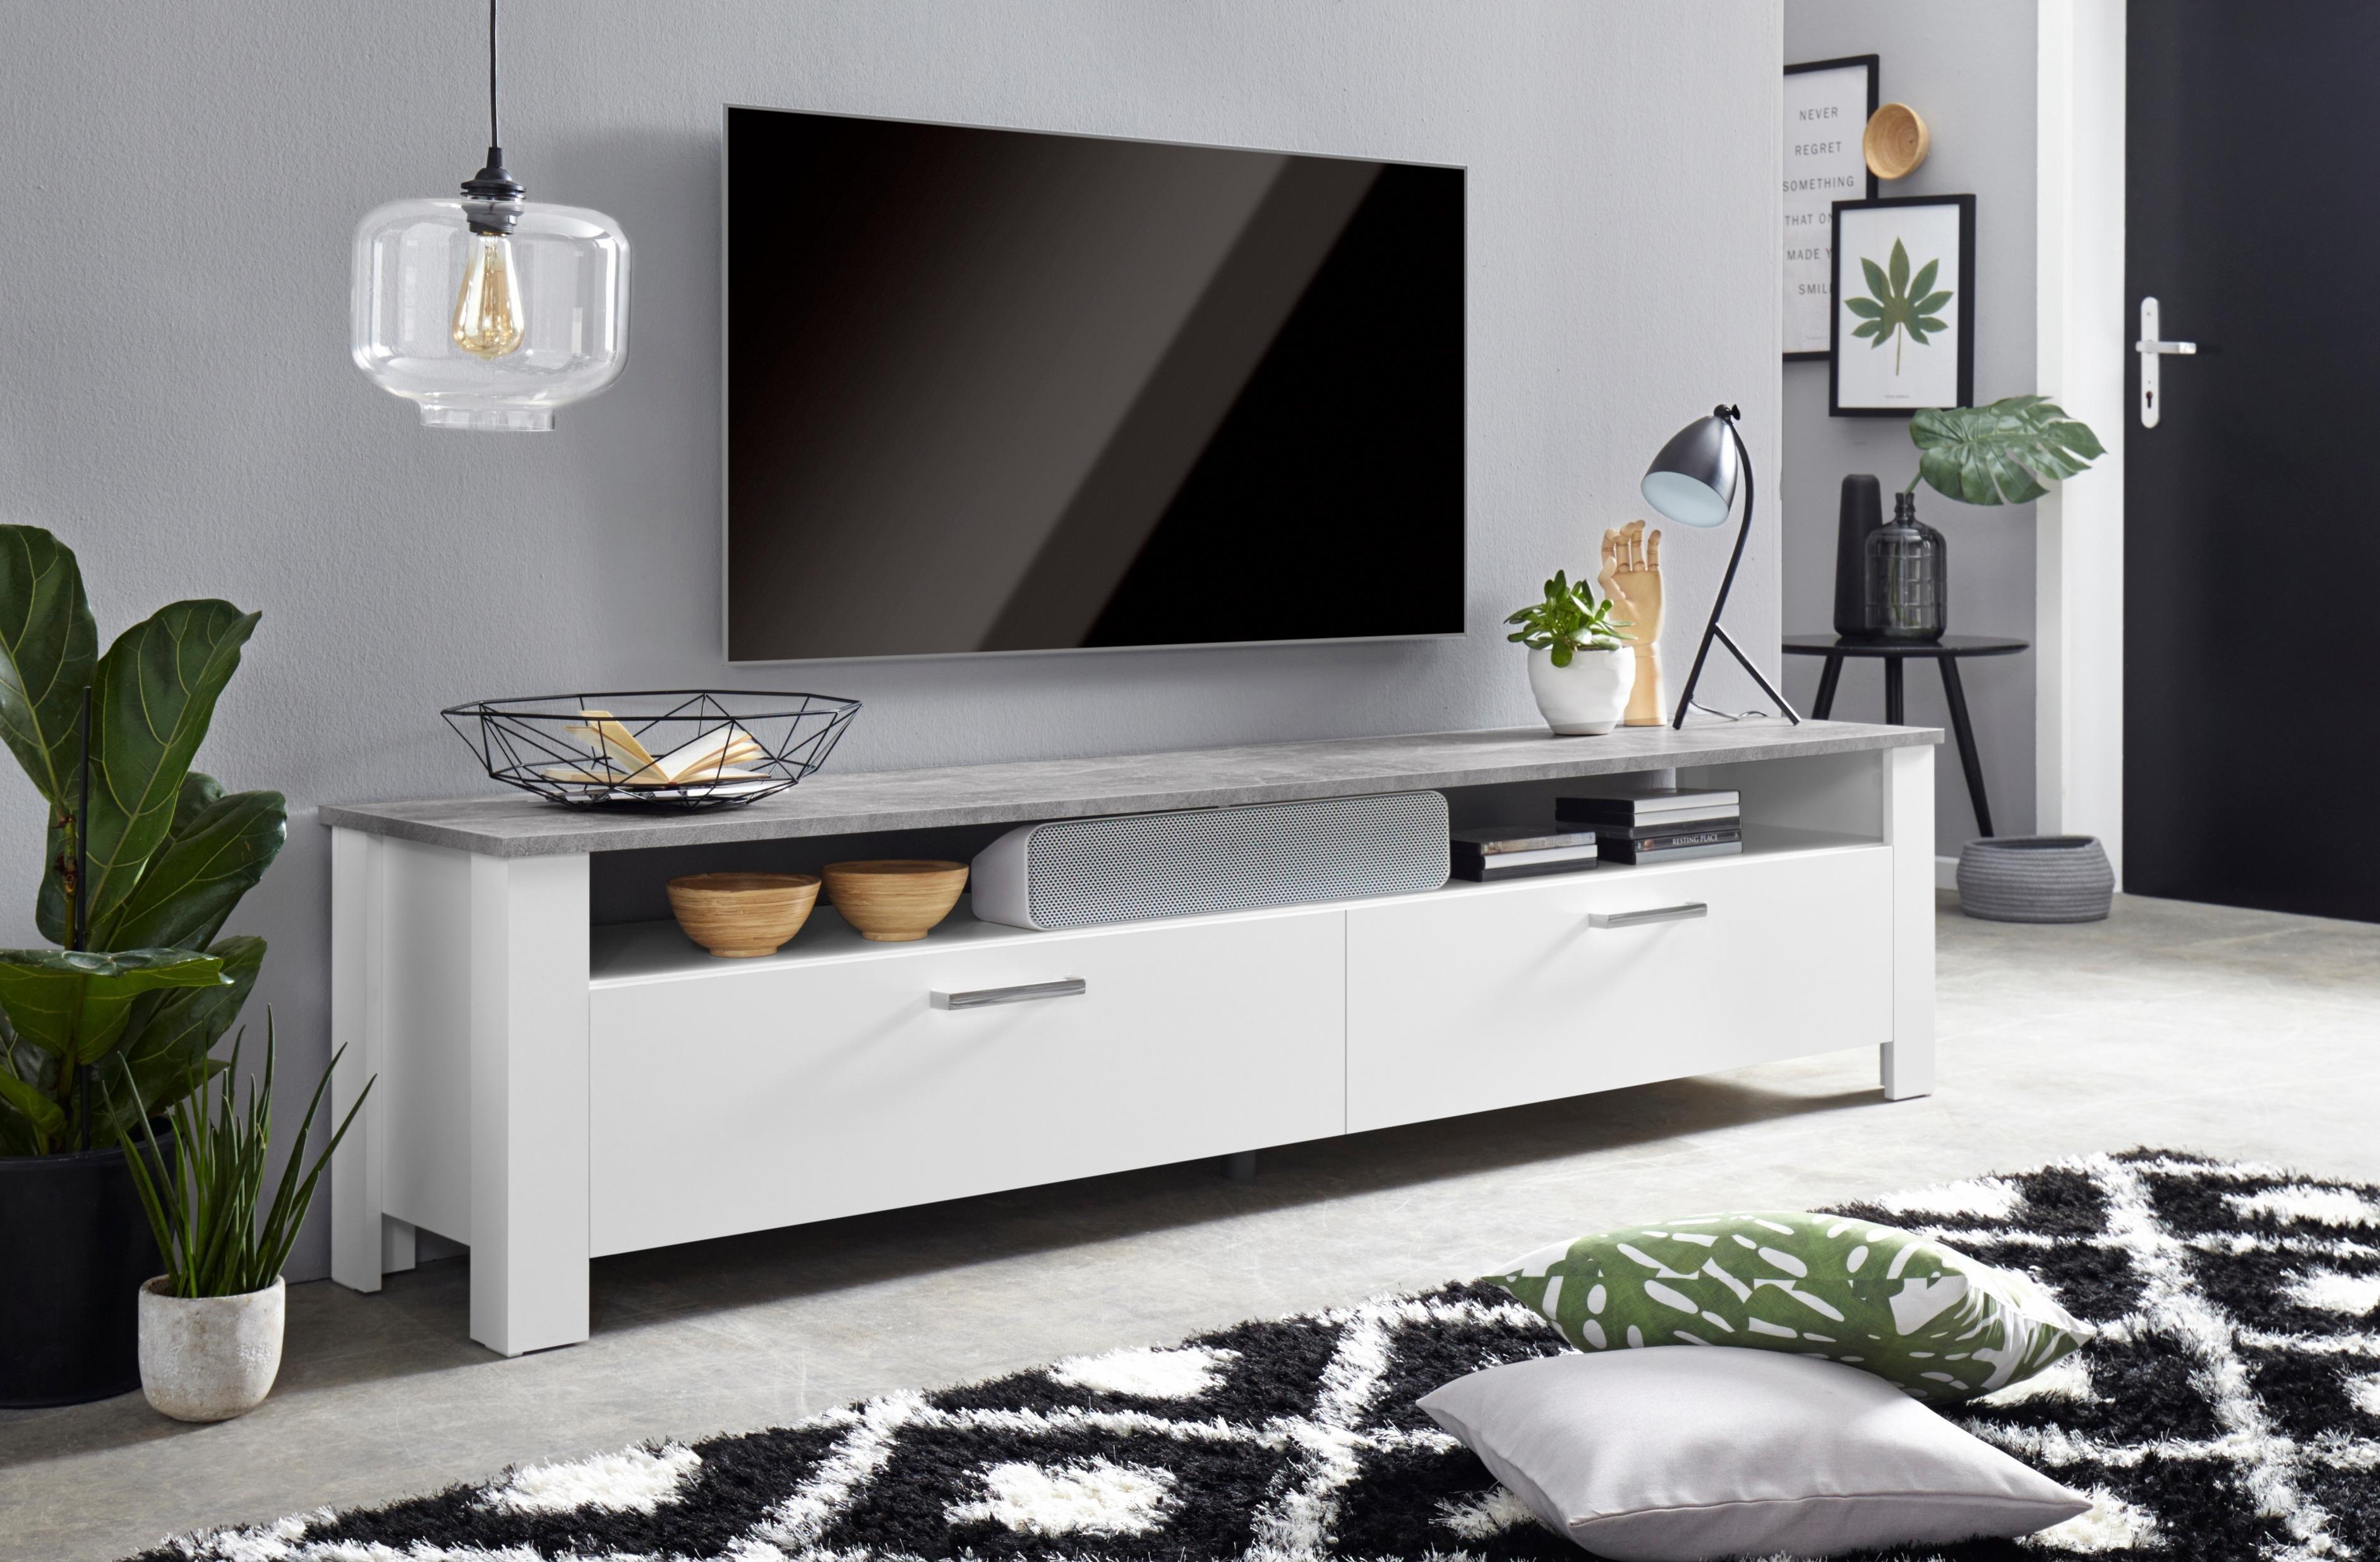 Homexperts »Zabona« tv-meubel, breedte 200 cm nu online kopen bij OTTO